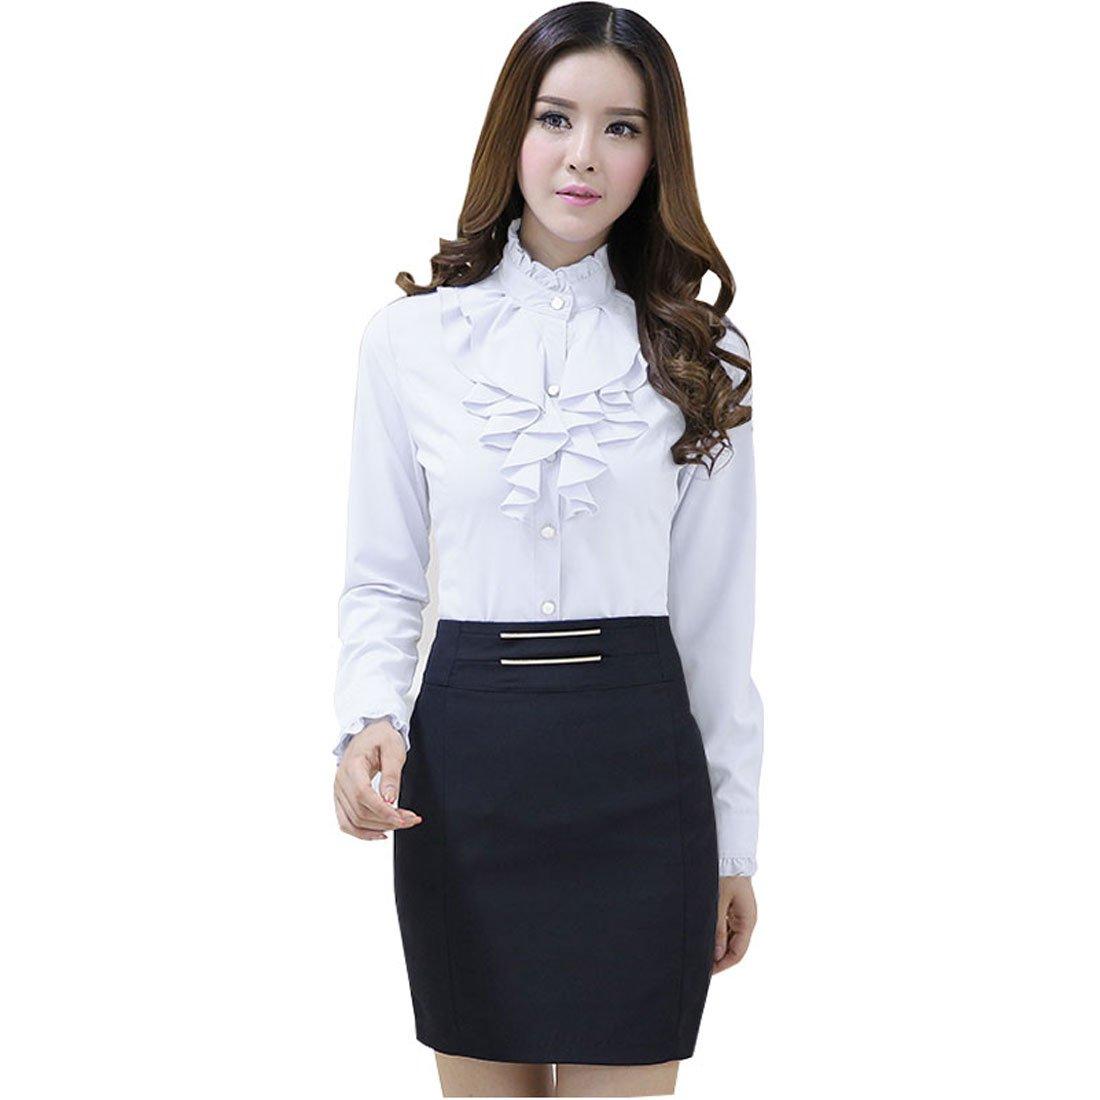 Buy Alaine Women's Casual Shirt